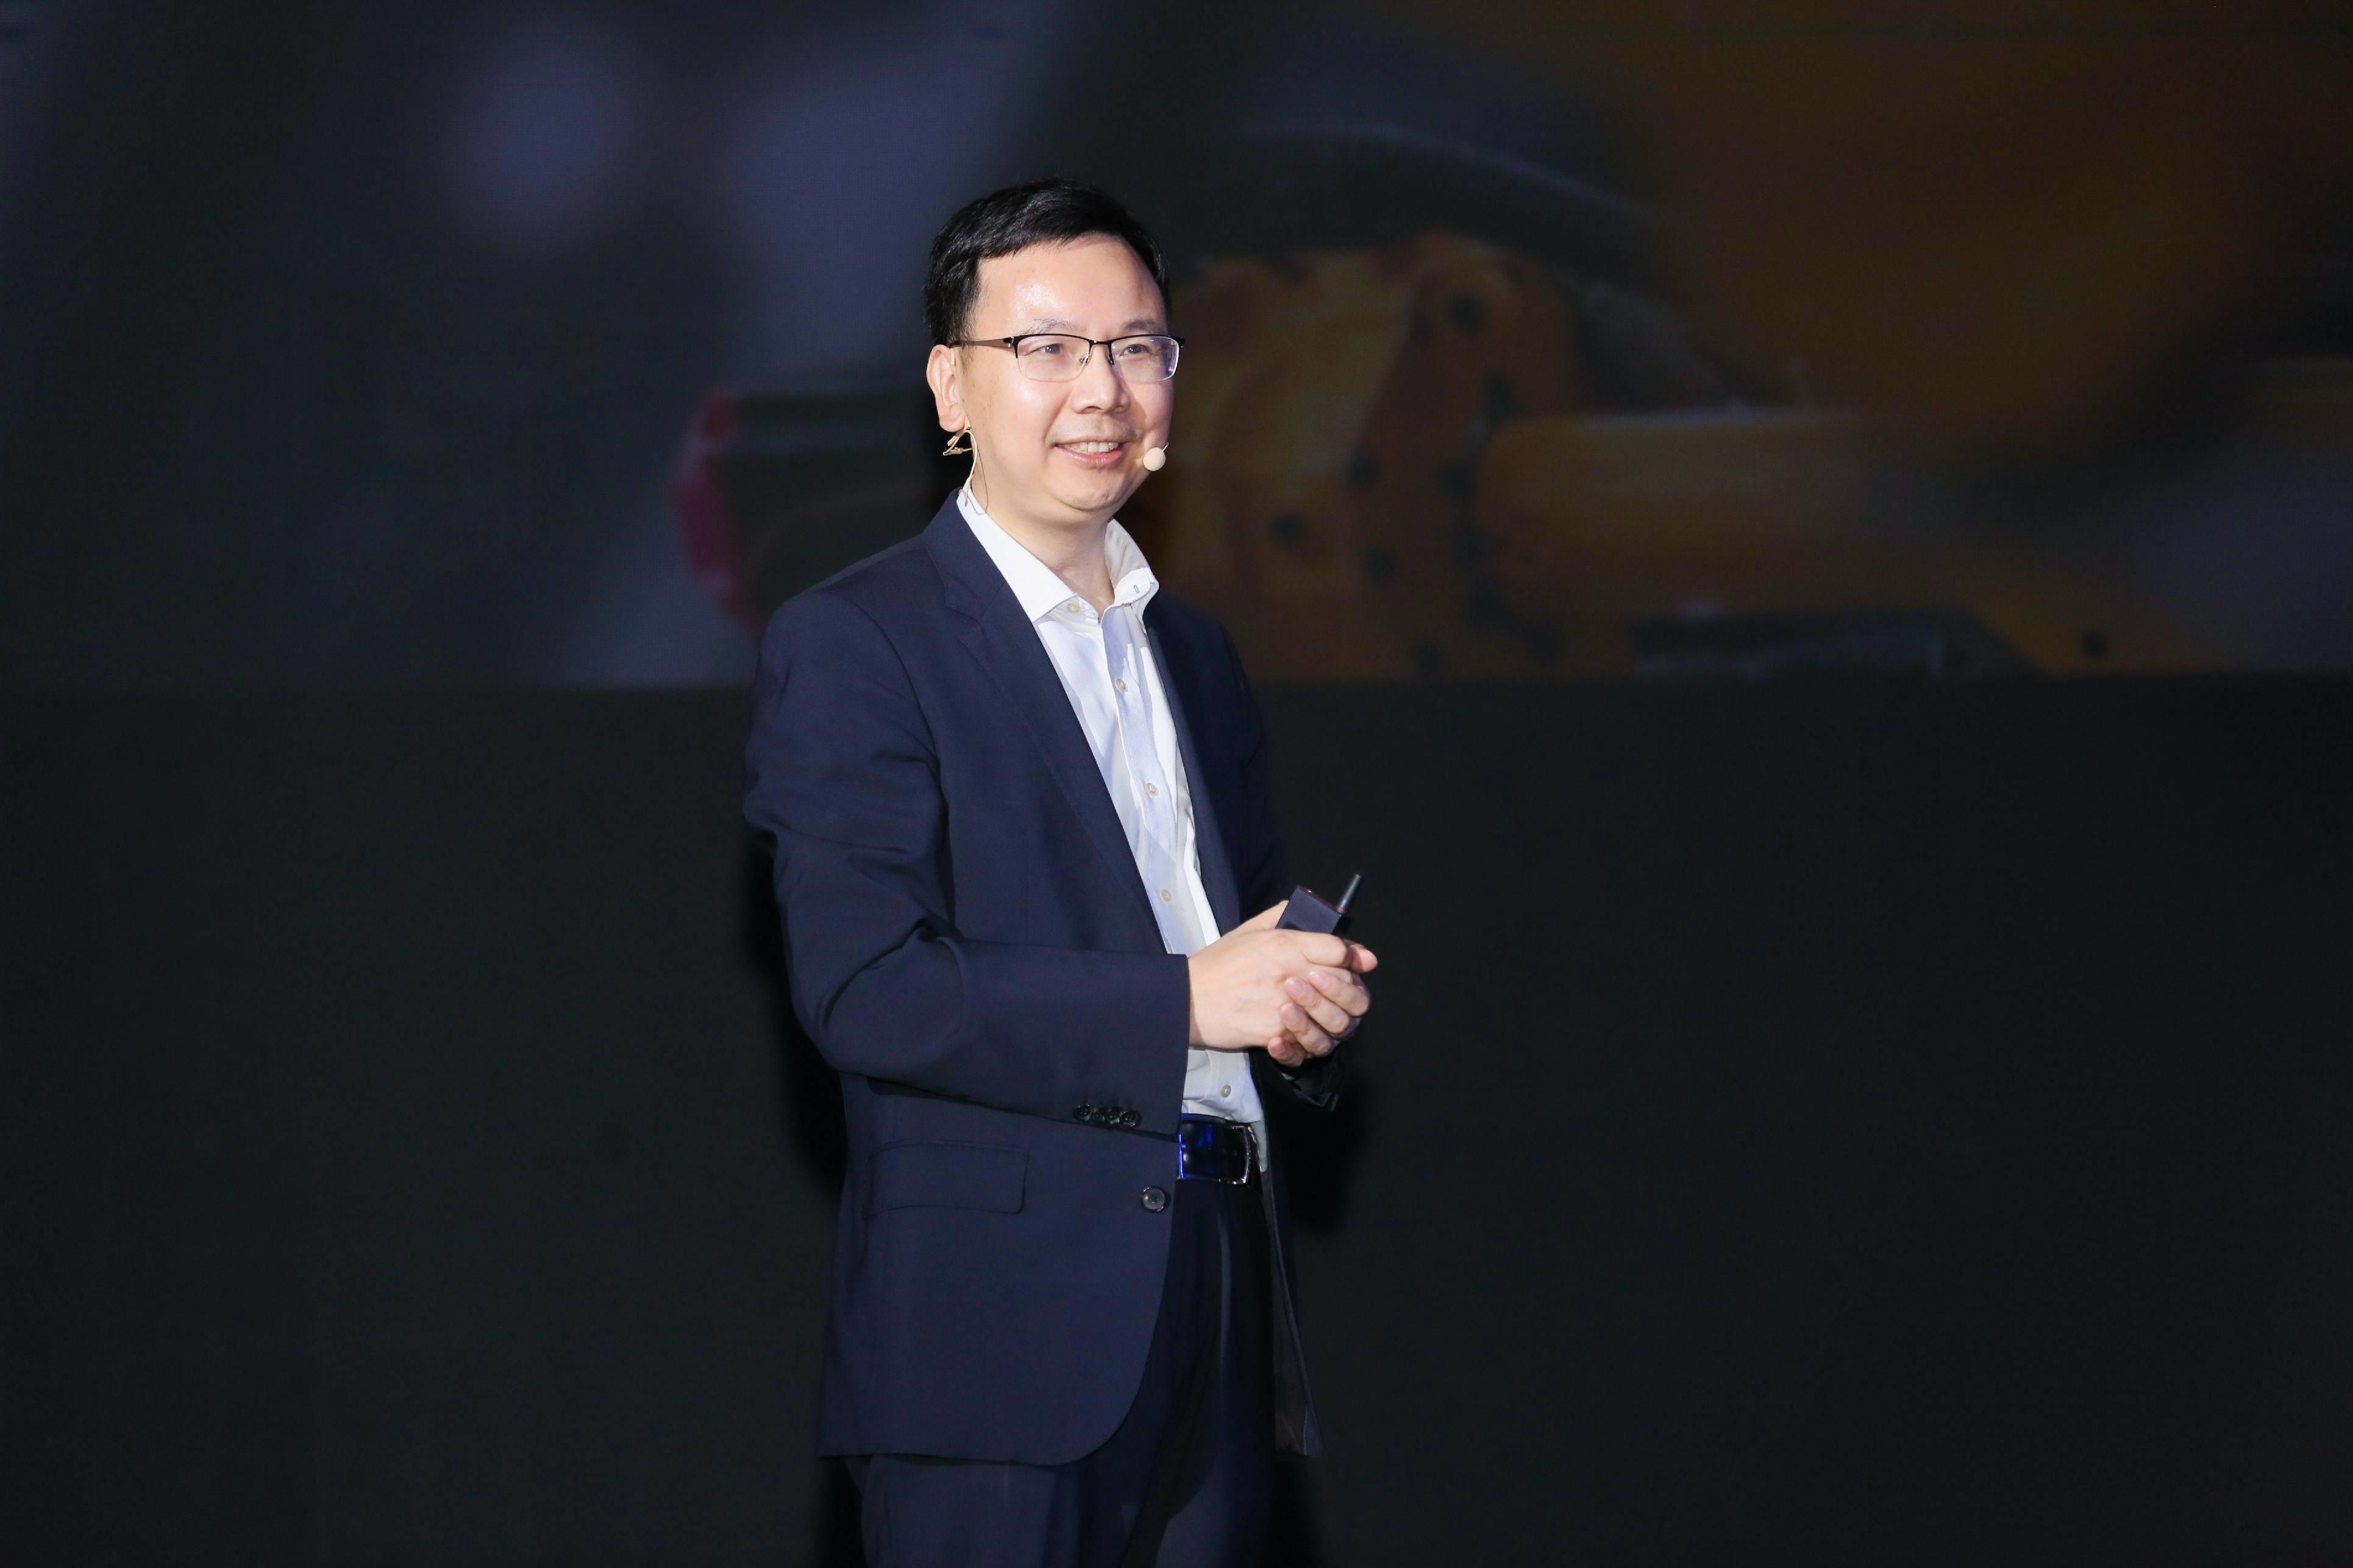 华为杨超斌:全球70%以上5G用户在中国未来5G会演进到5.5G